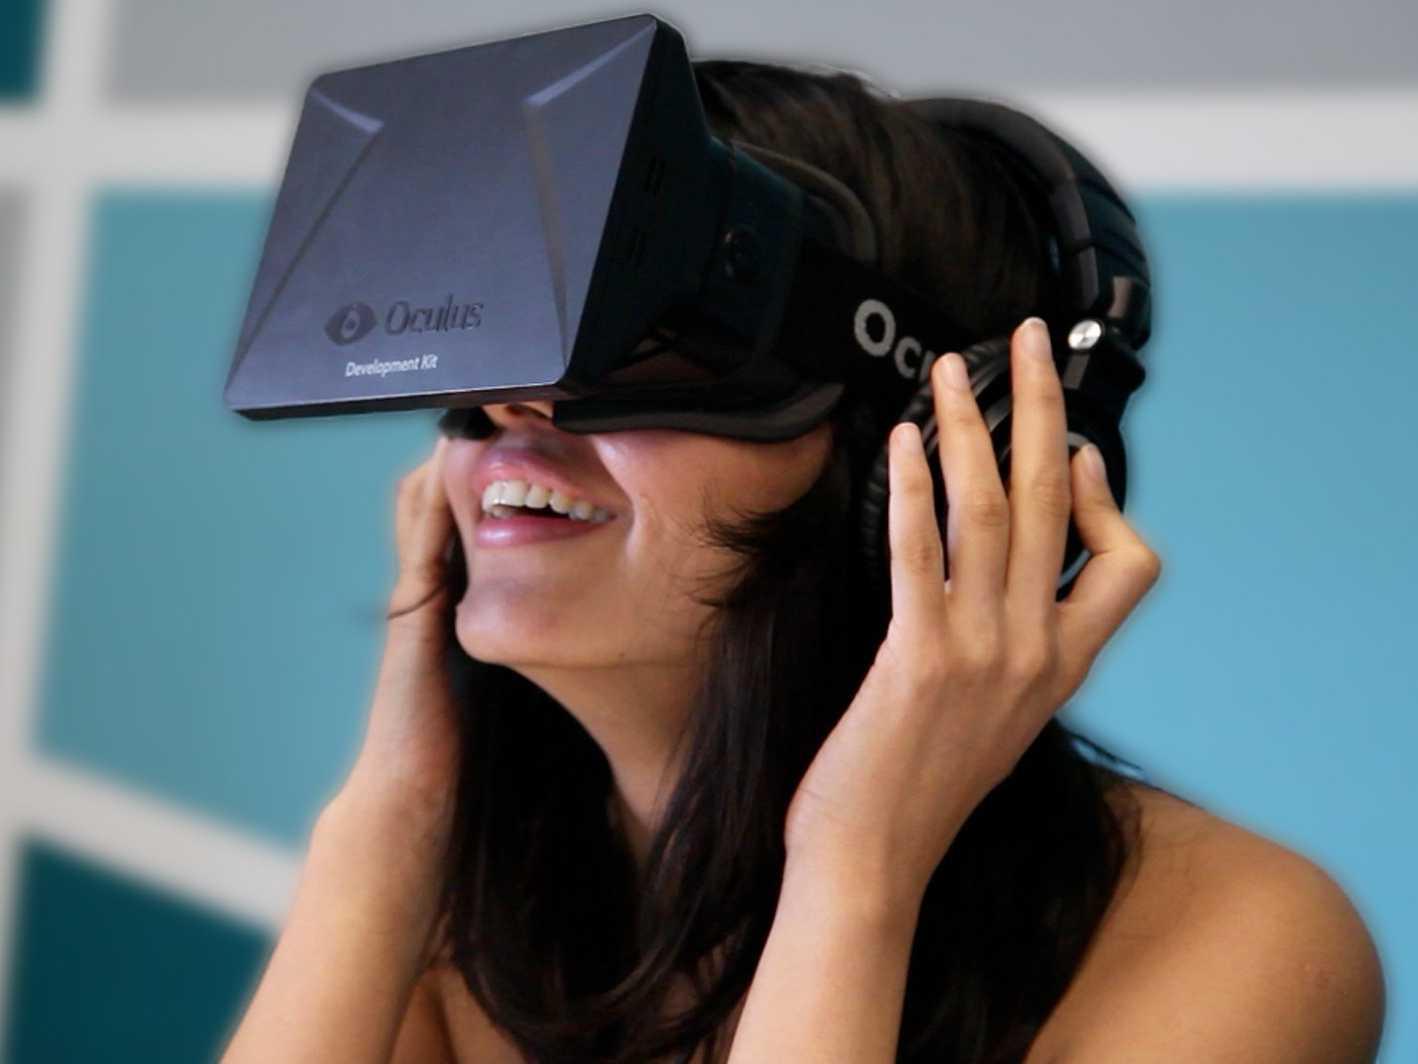 oculus-rift-girl